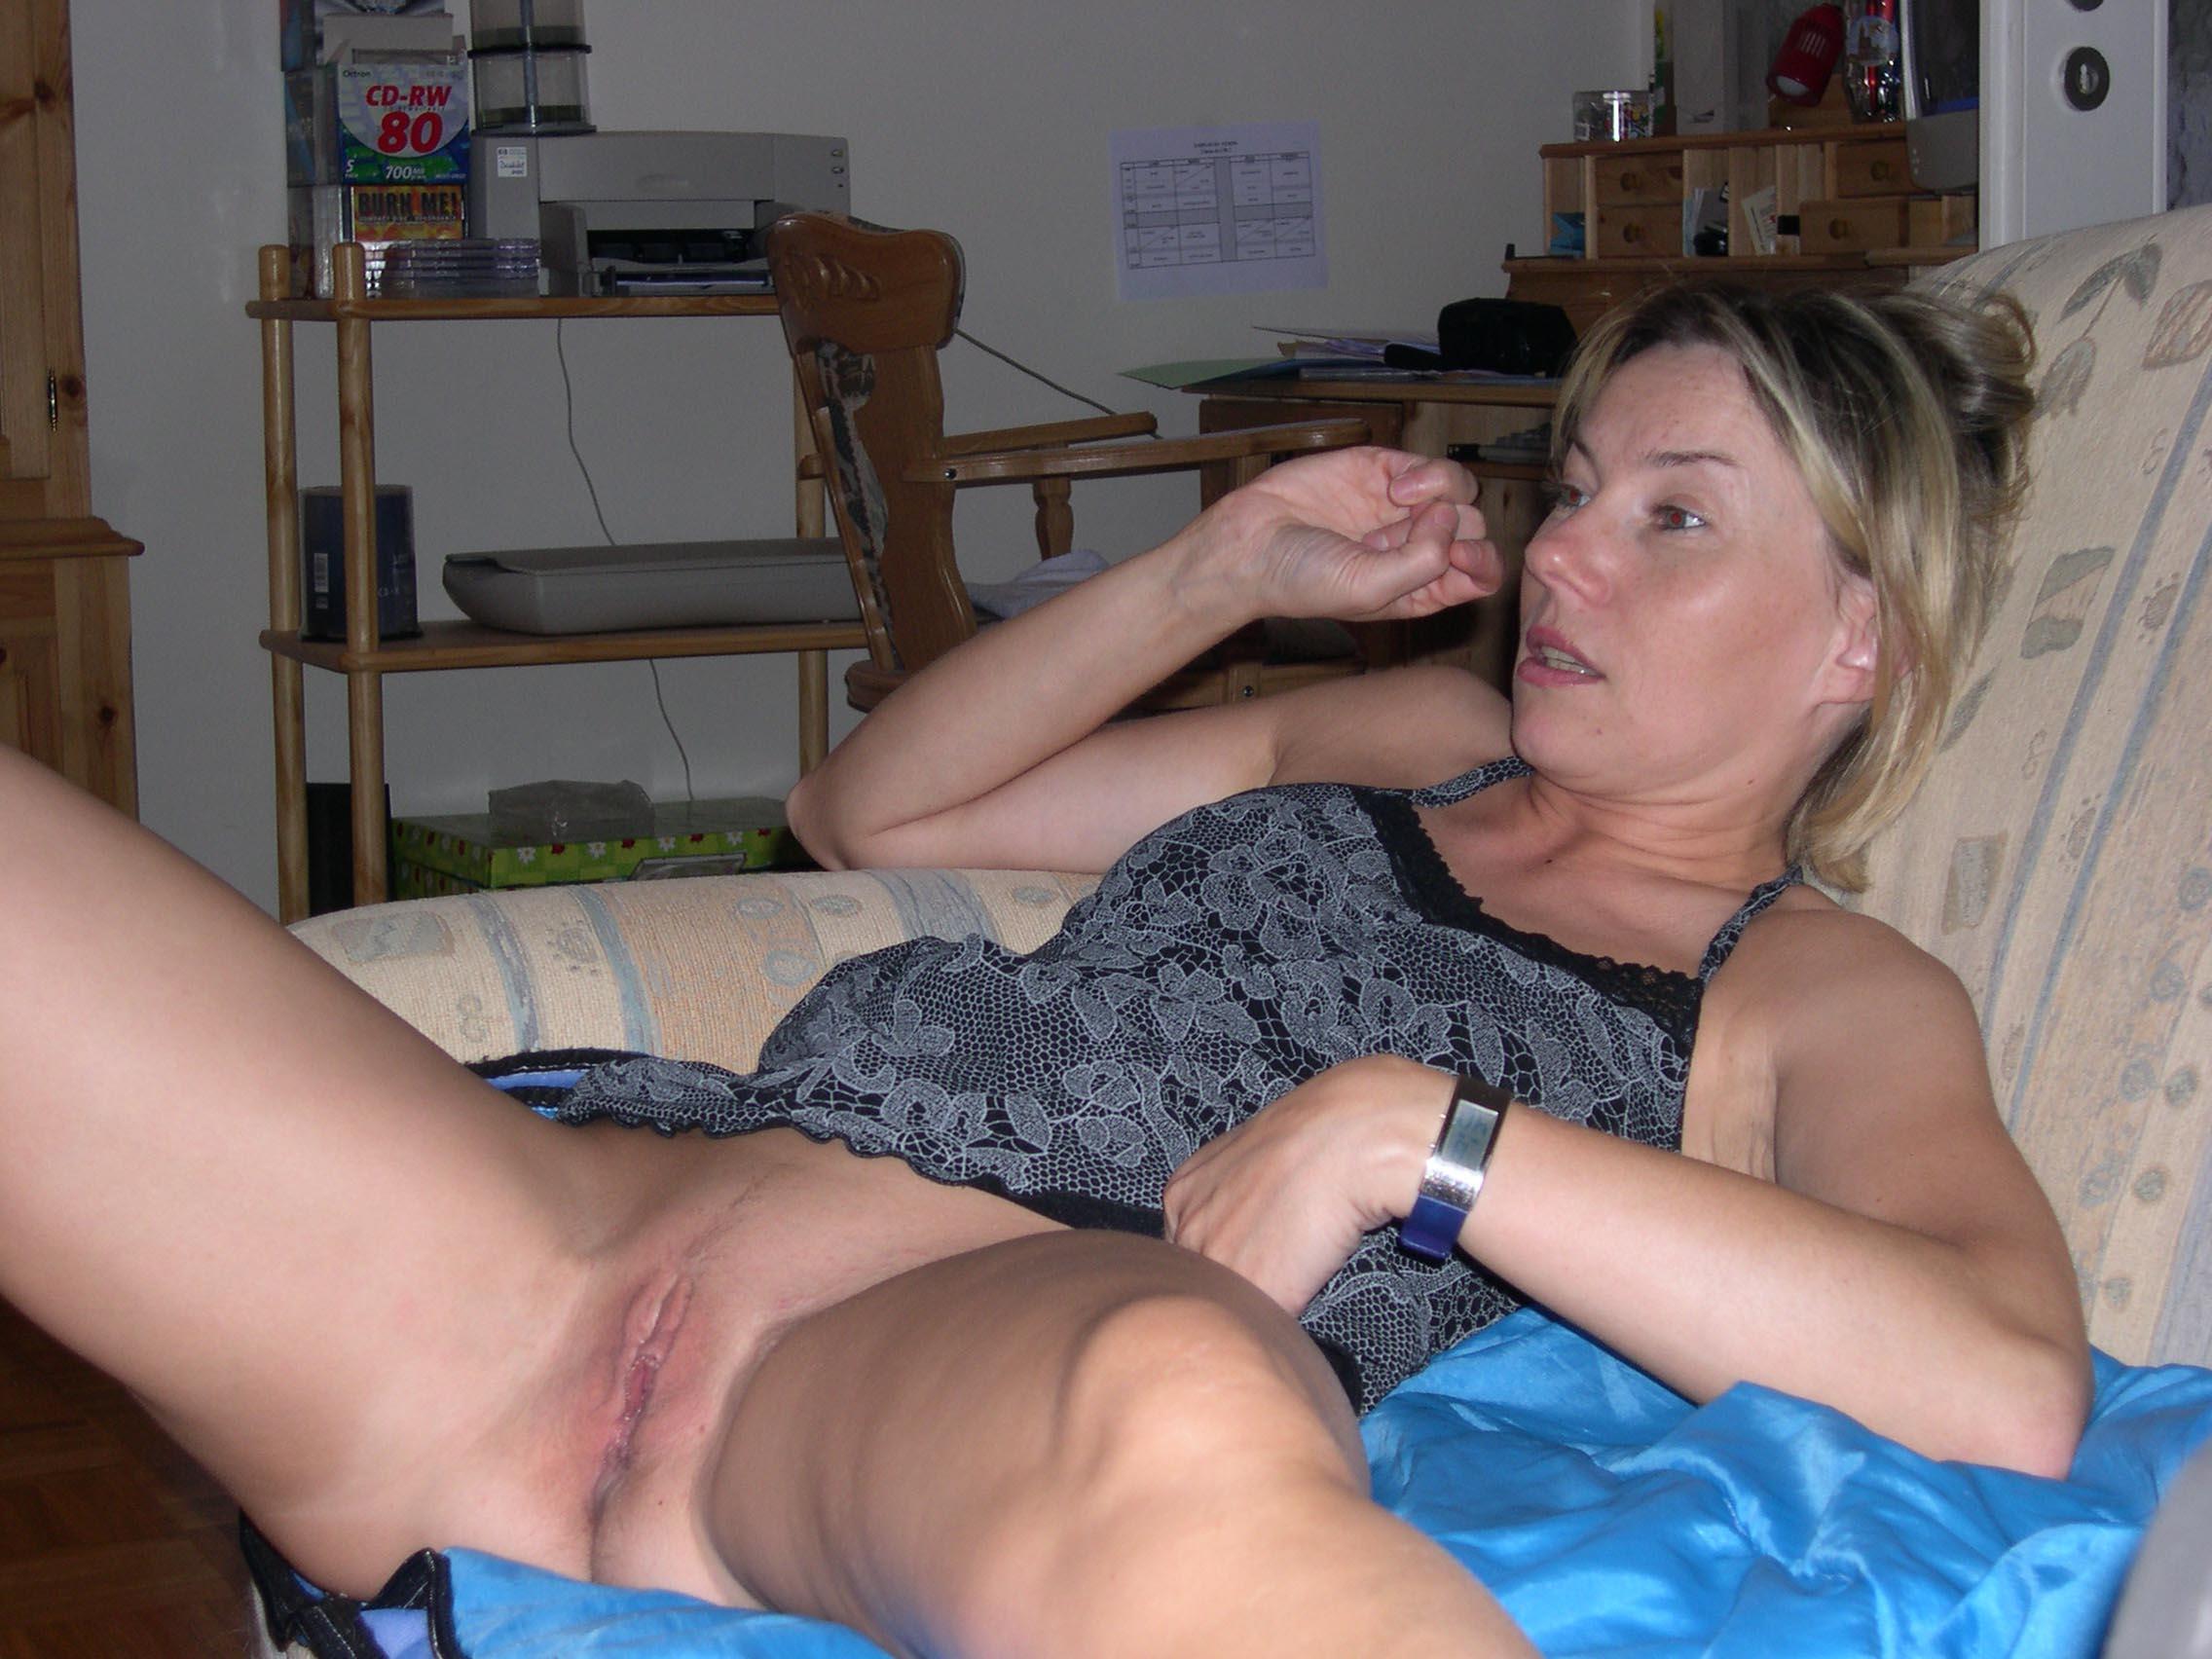 порно фото пьяные дамы